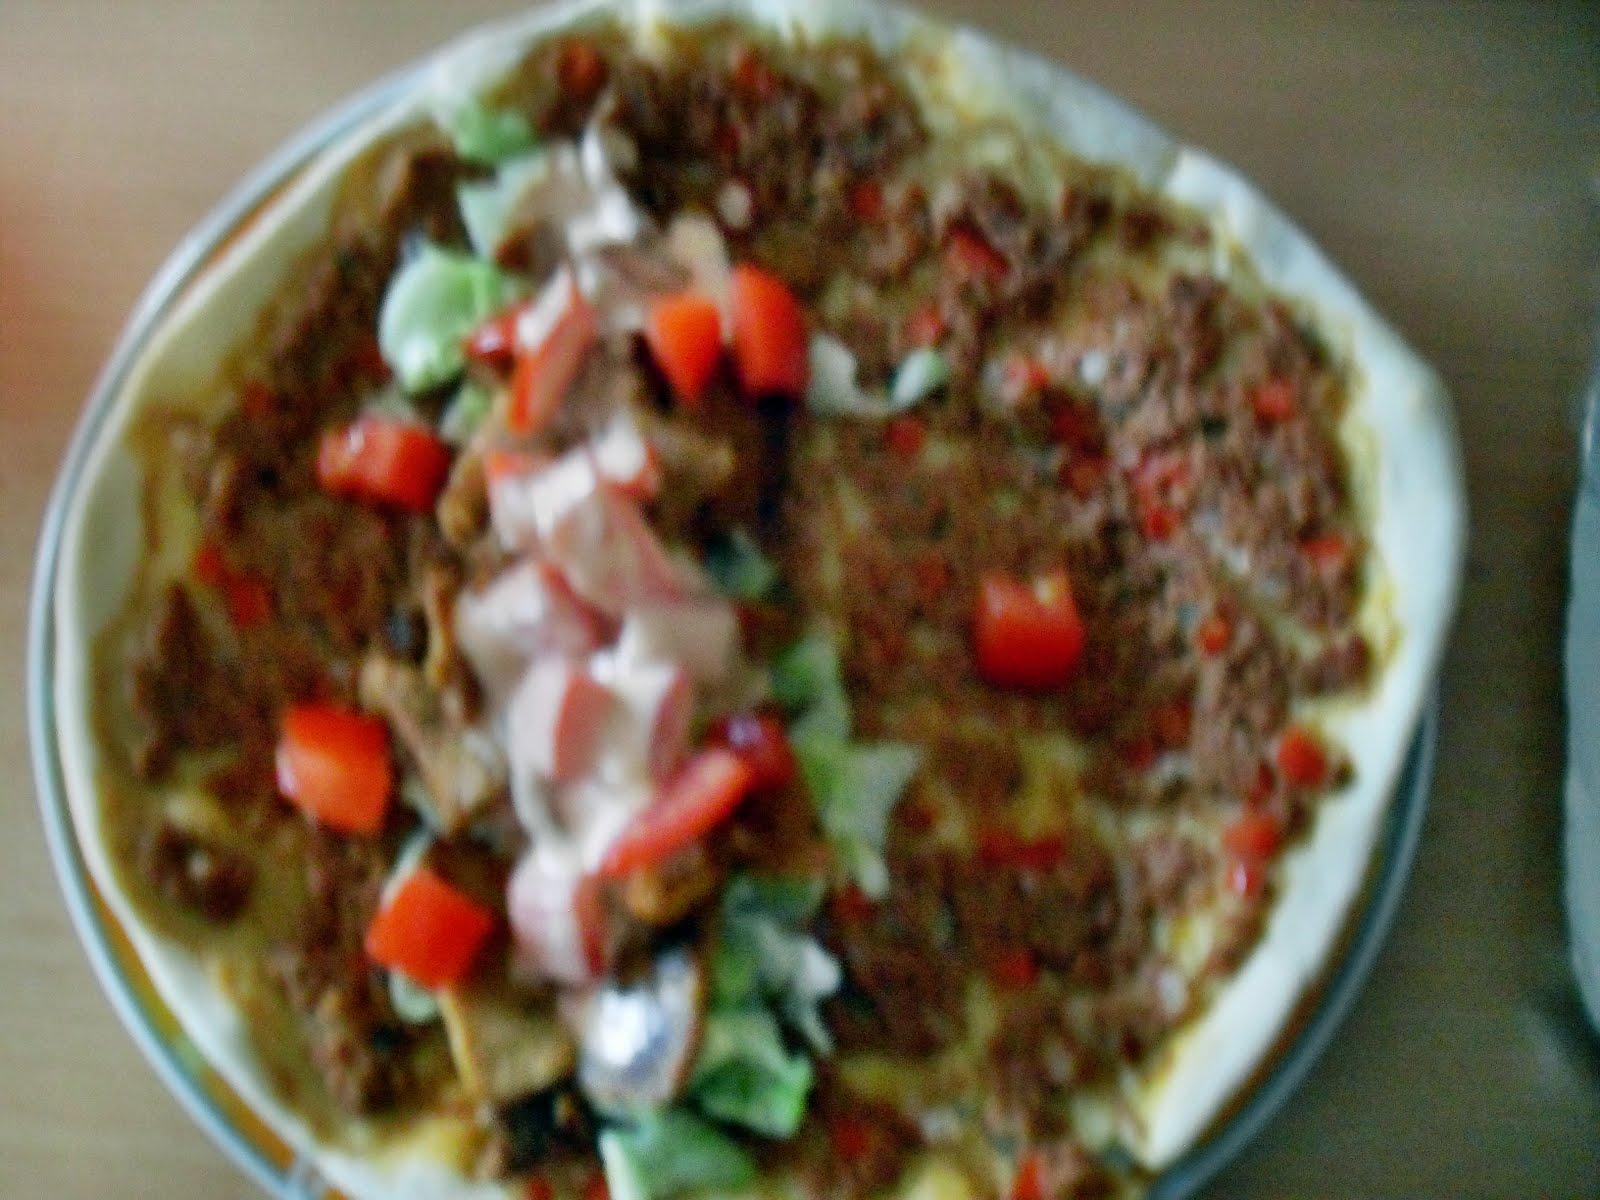 türkische pizza wieder aufwärmen